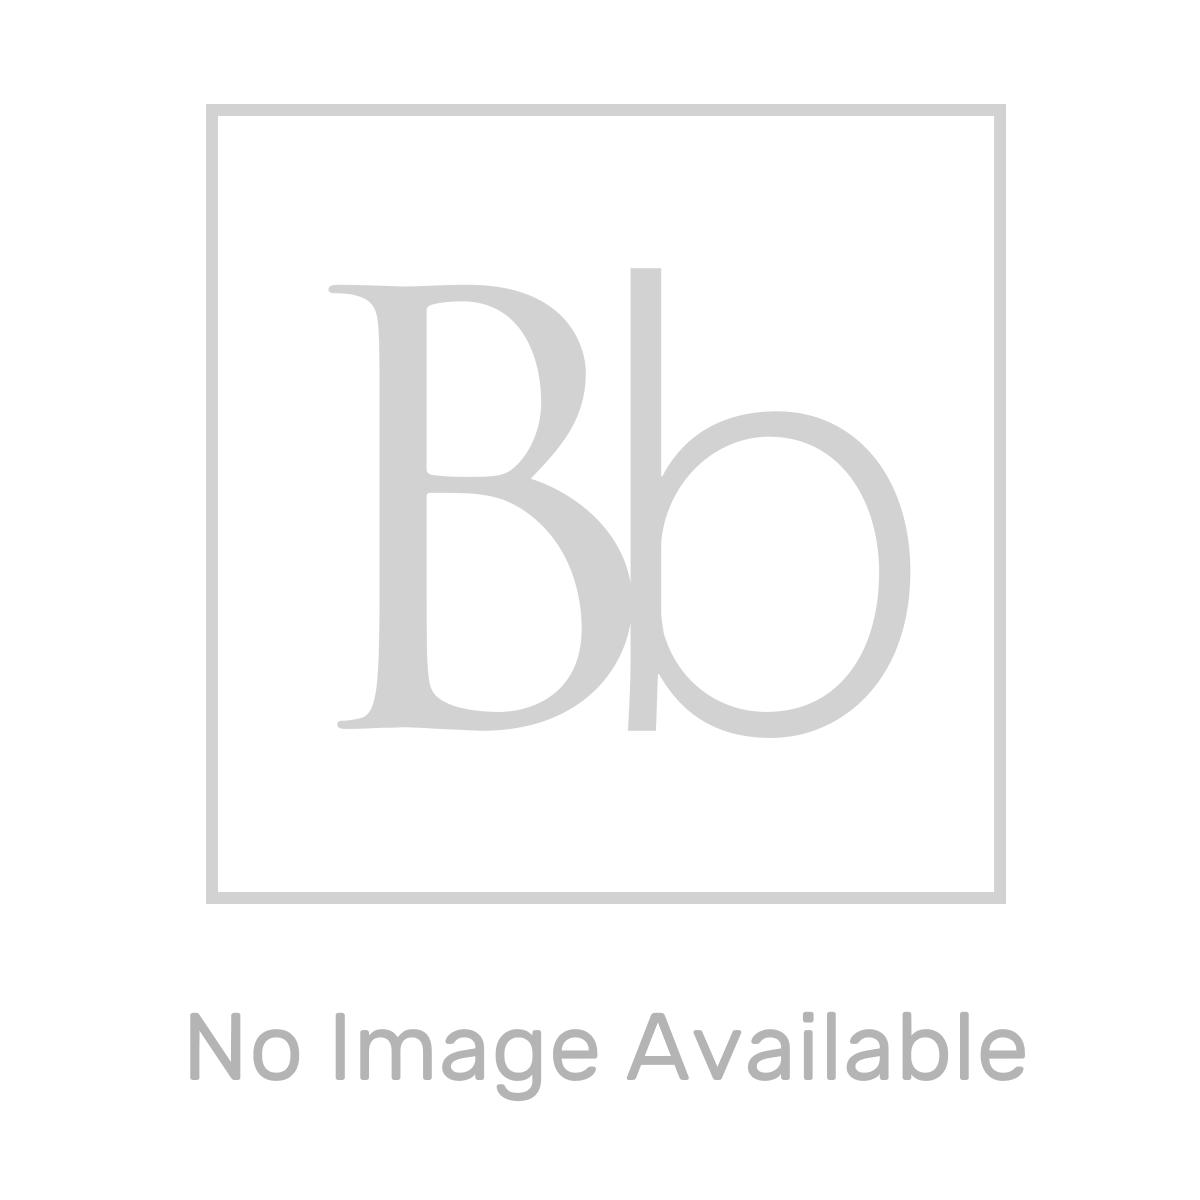 HiB Spectrum Top Illuminated Mirrored Cabinet